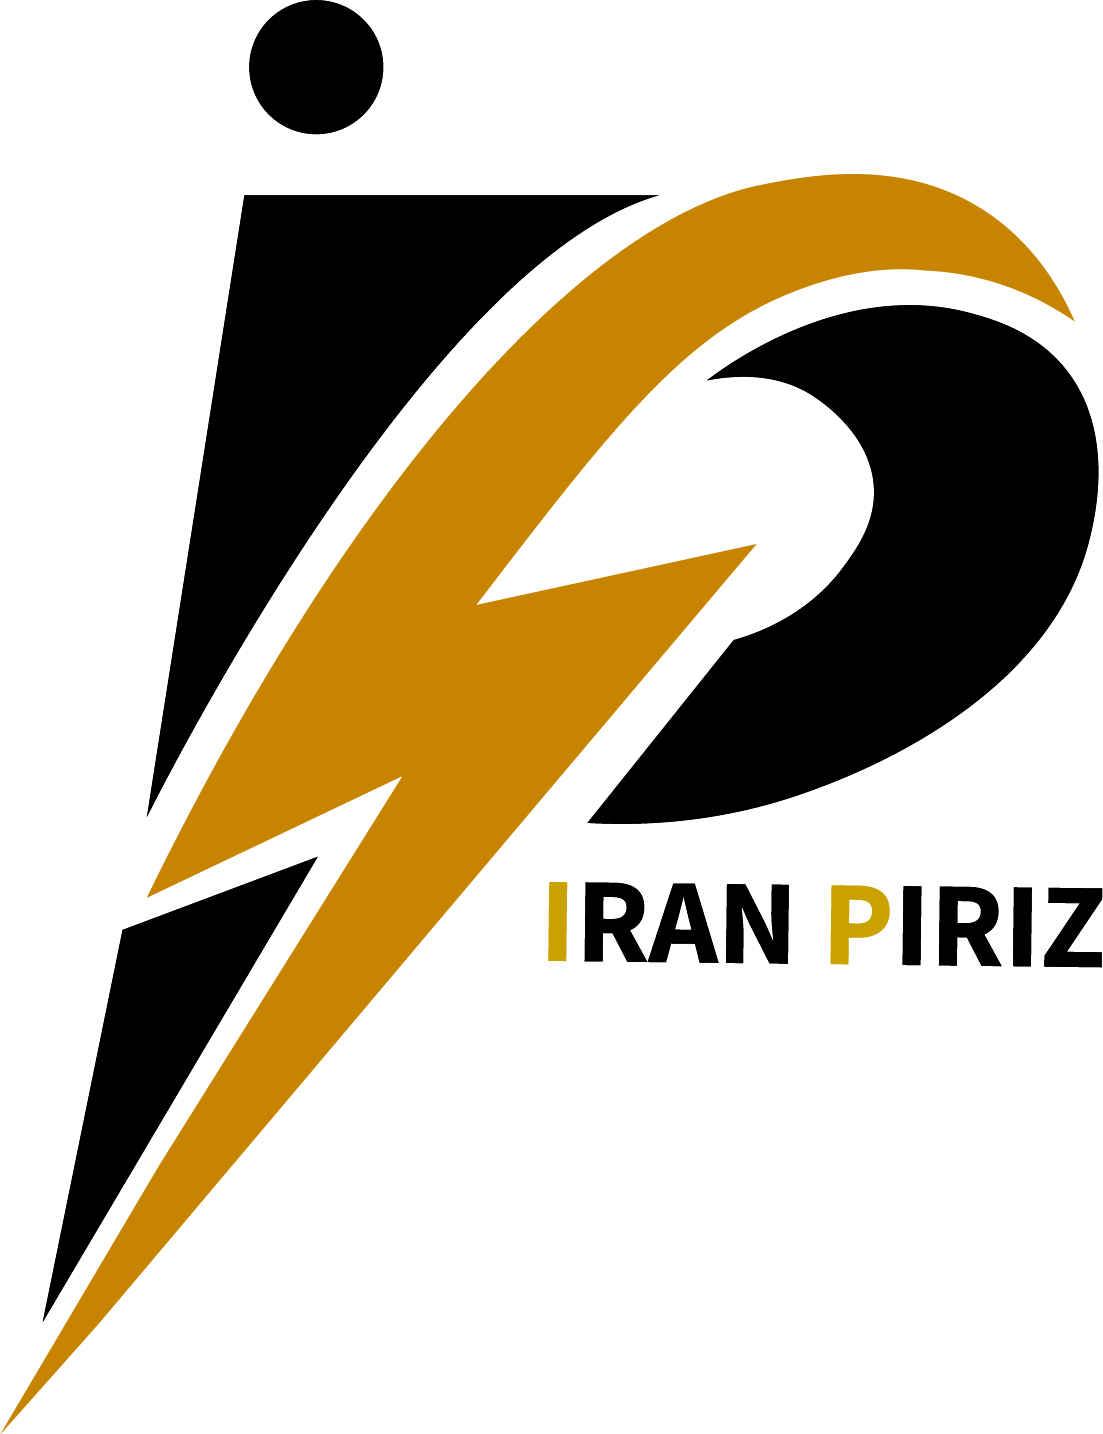 ایران پریز – بازار خرید و فروش کلید و پریز | ایران پریز